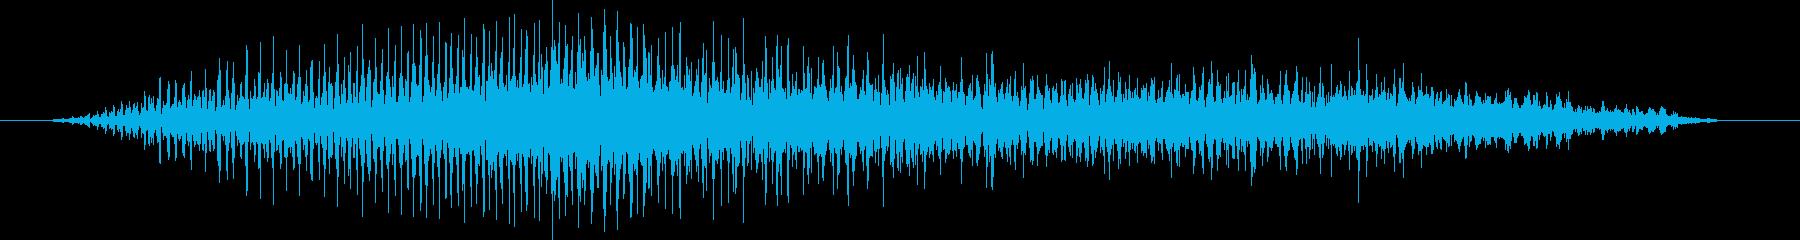 人間の怪物:遅い低うなり声、ドライの再生済みの波形